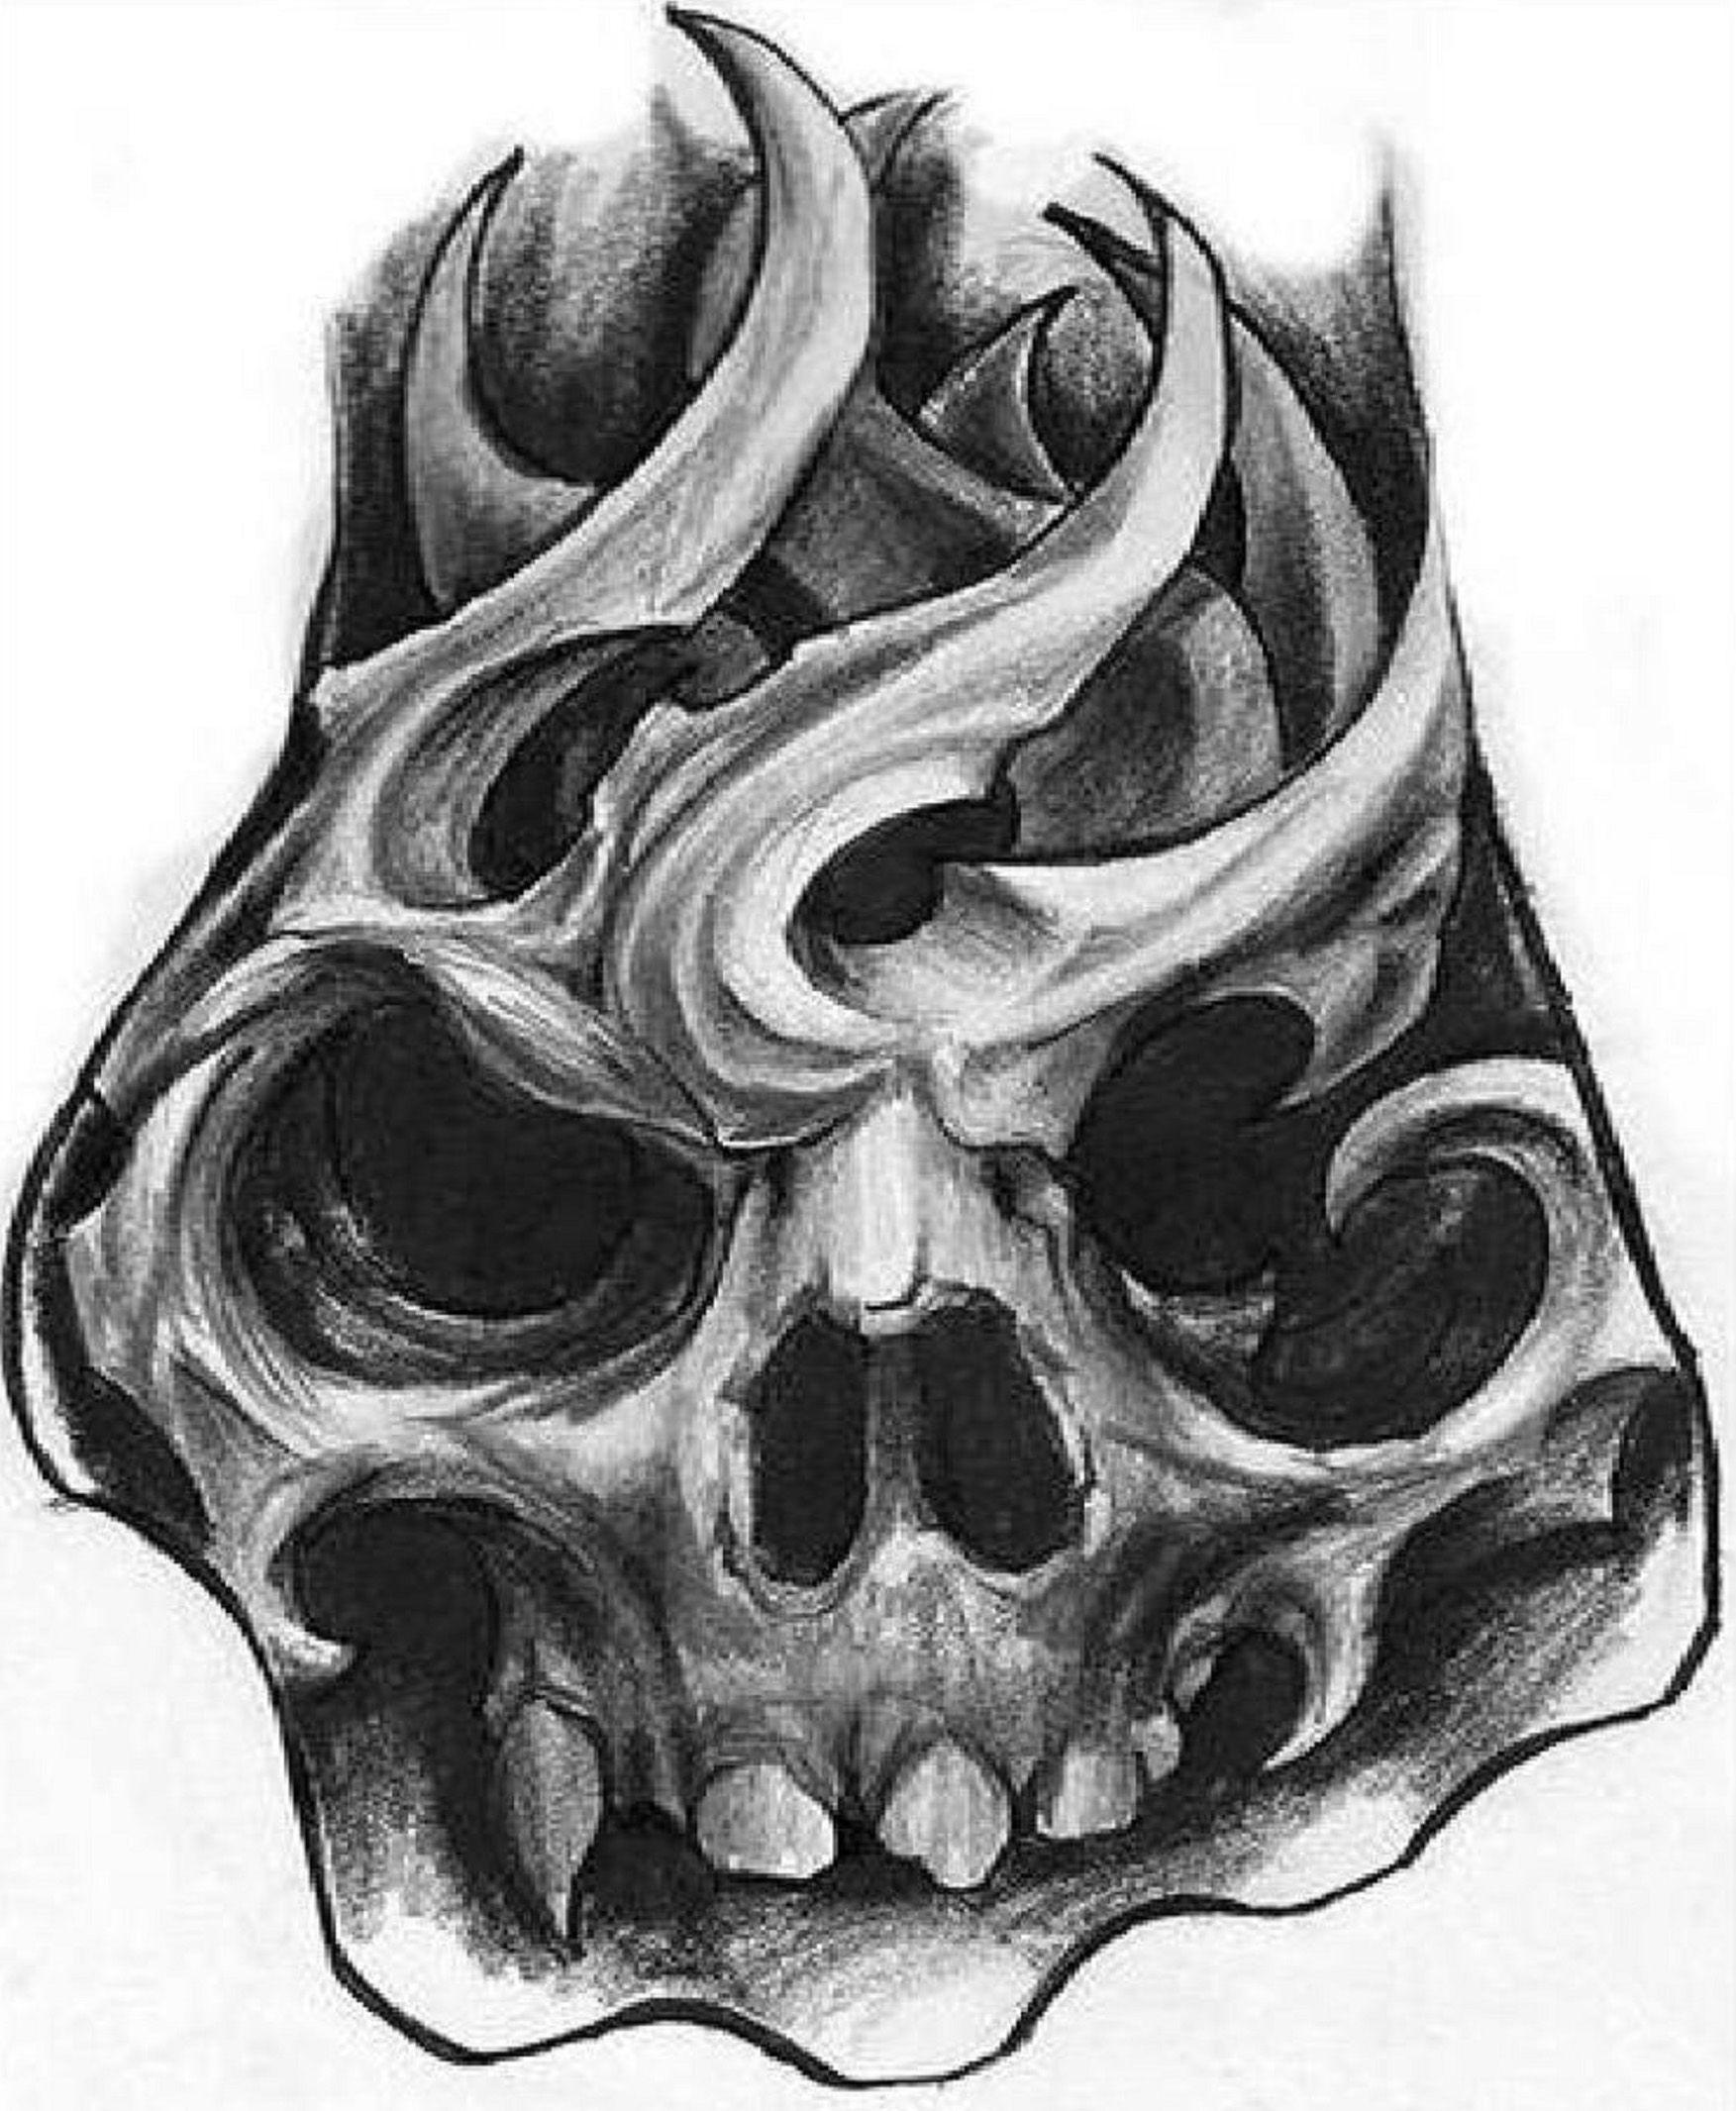 Skull Hand Tattoo Sketch. Skull hand tattoo